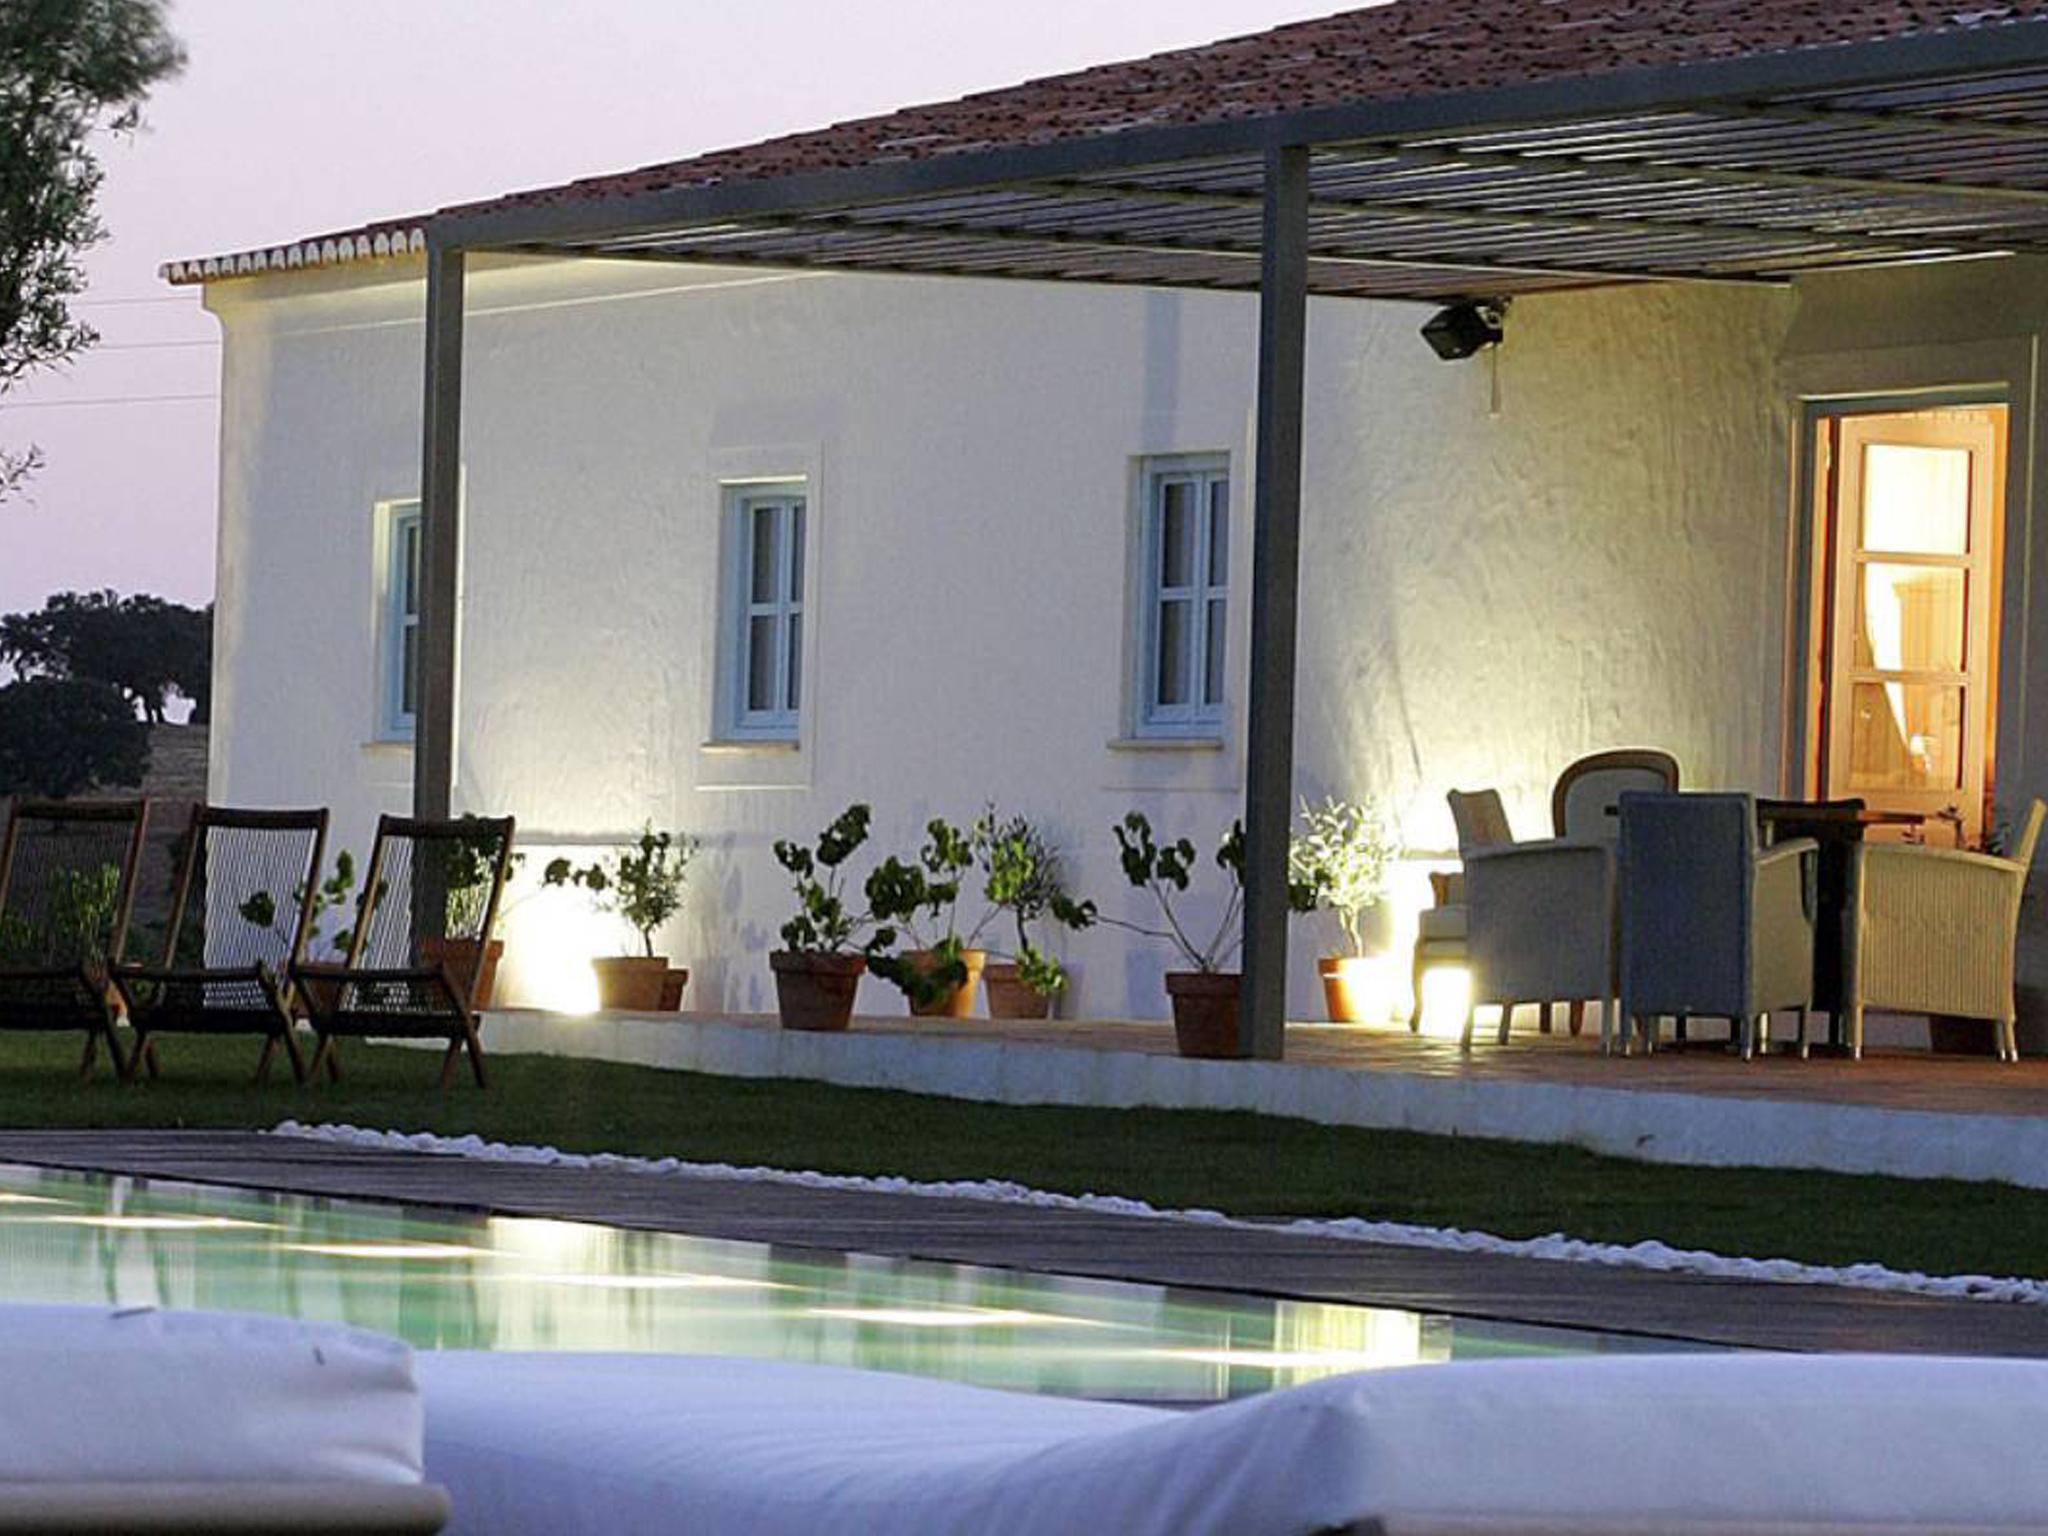 Herdade da Malhadinha Nova Country House & Spa